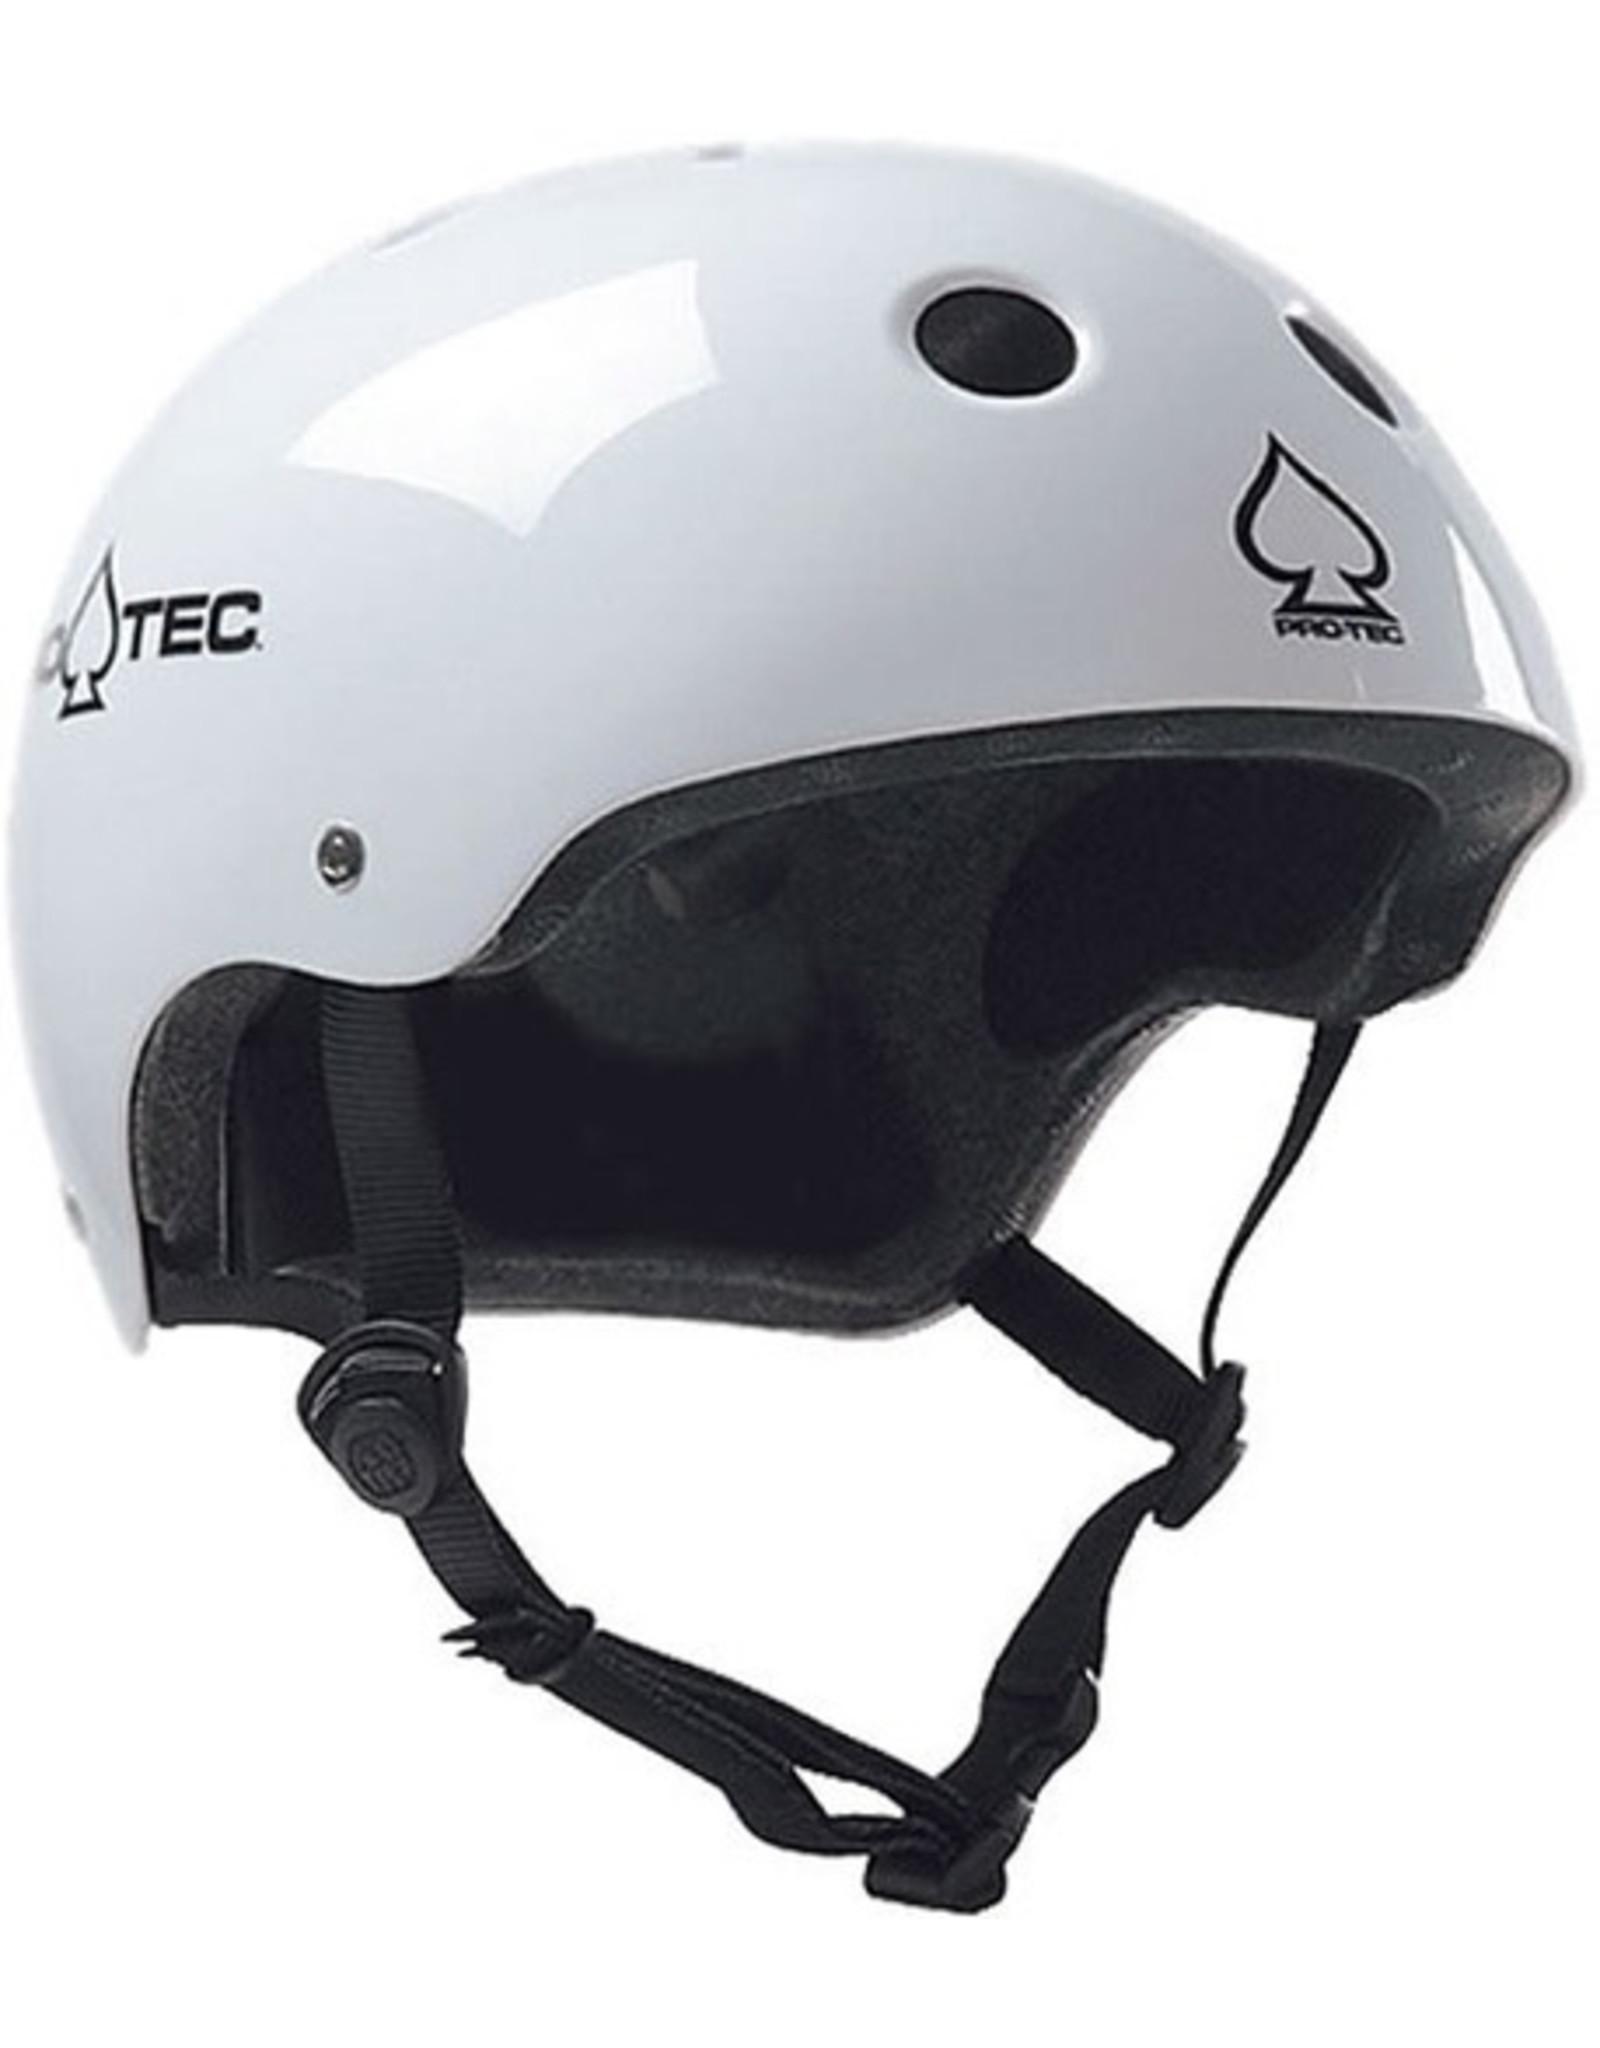 Pro Tec Pro-Tec - The Classic 57-58cm